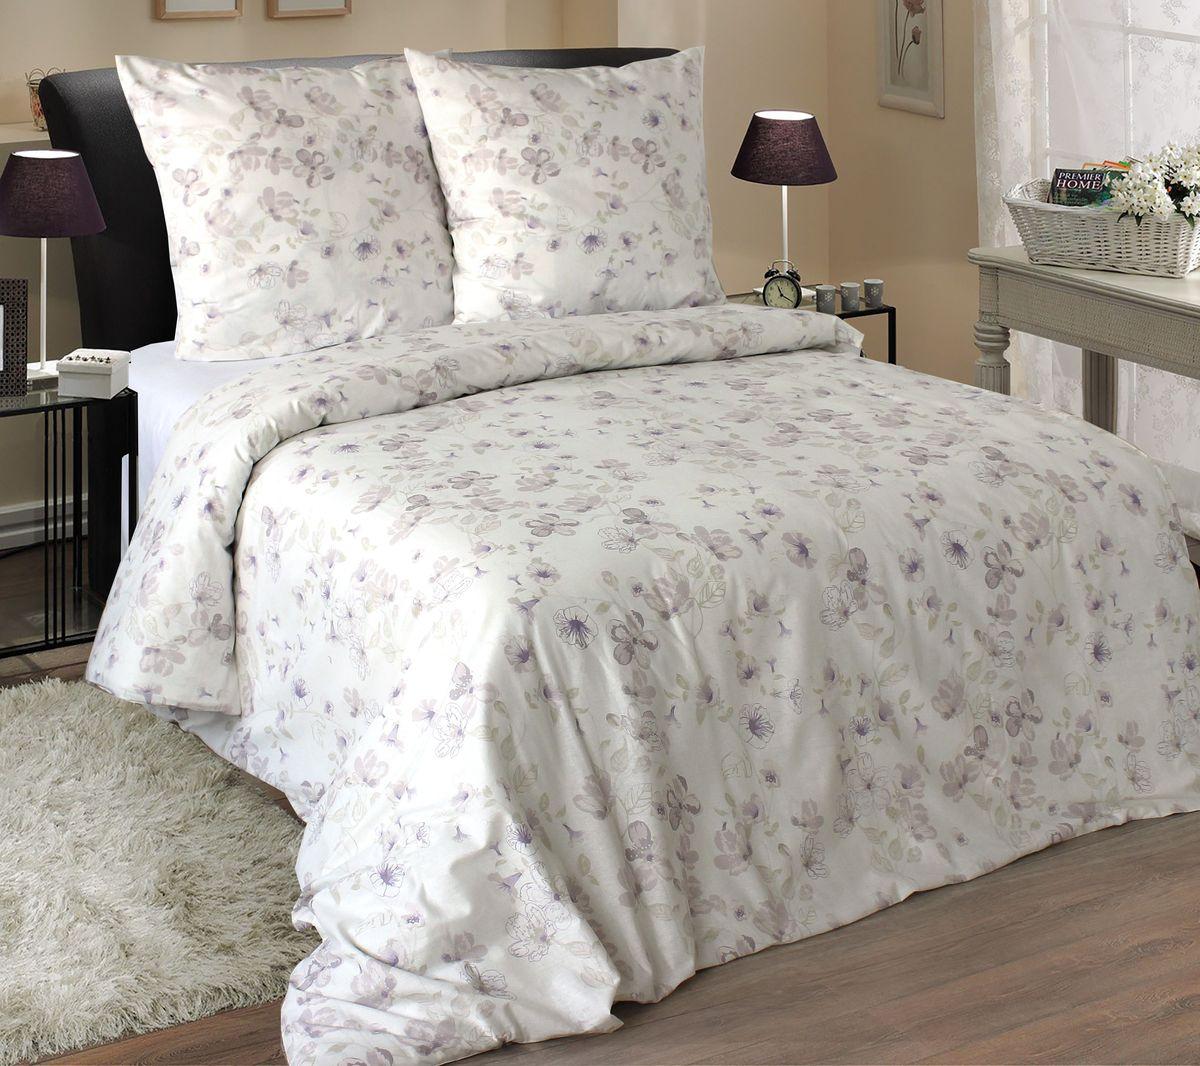 Комплект белья Коллекция Эмили 2, 1,5-спальный, наволочки 50x70 см391602Комплект постельного белья включает в себя четыре предмета: простыню, пододеяльник и две наволочки, выполненные из поплина.Размер пододеяльника: 143 x 210 см.Размер простыни: 150 x 215 см.Размер наволочек: 50 x 70 см.